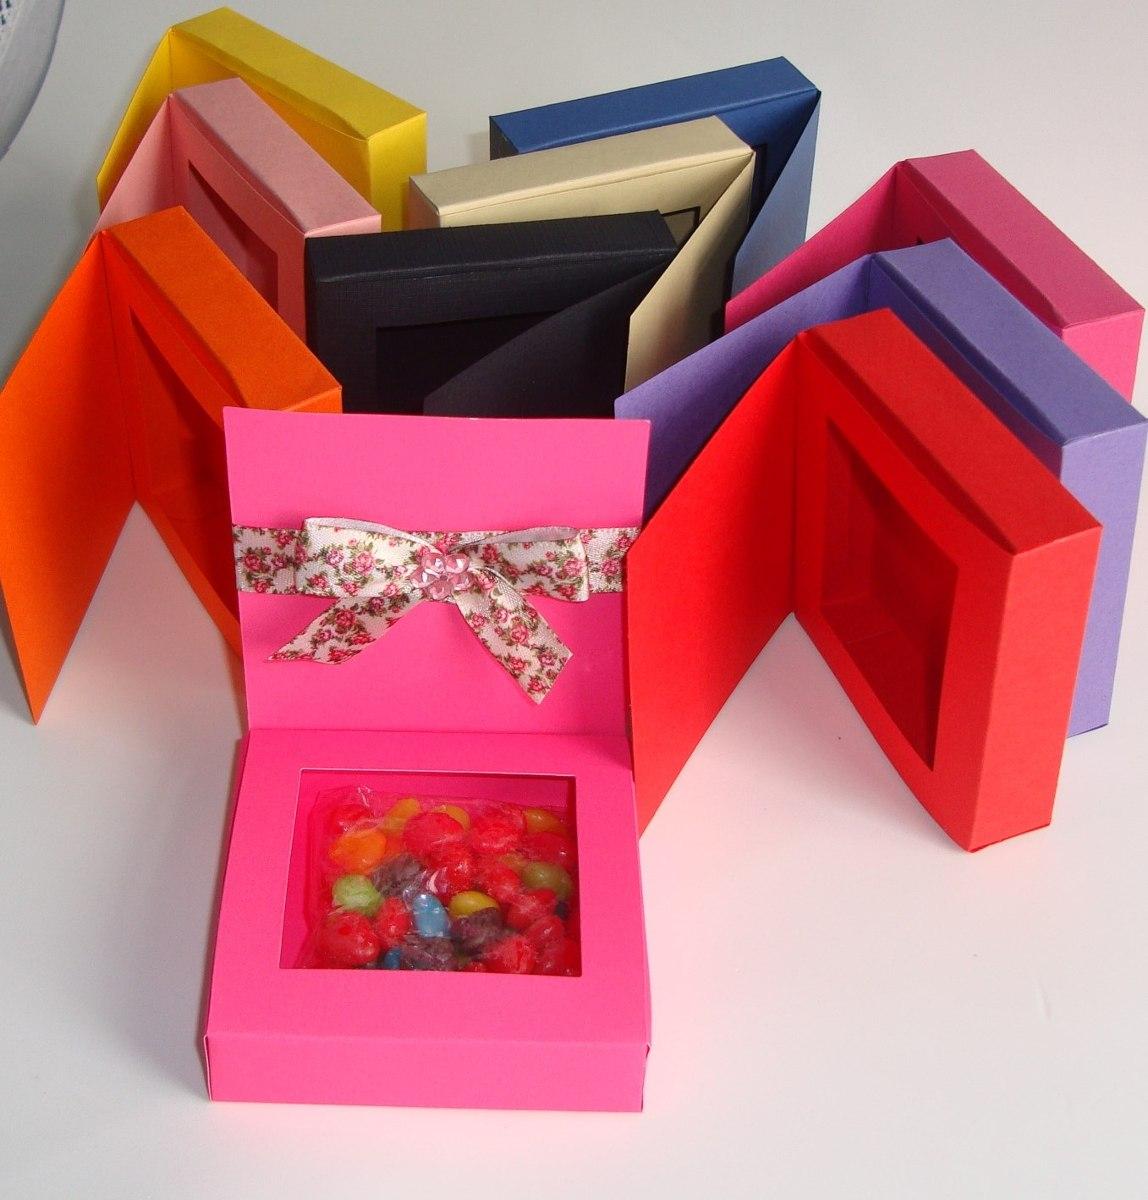 20 Un Caixas Para Lembrancinhas Em Papel R$ 15 00 no MercadoLivre #BD0E47 1148x1200